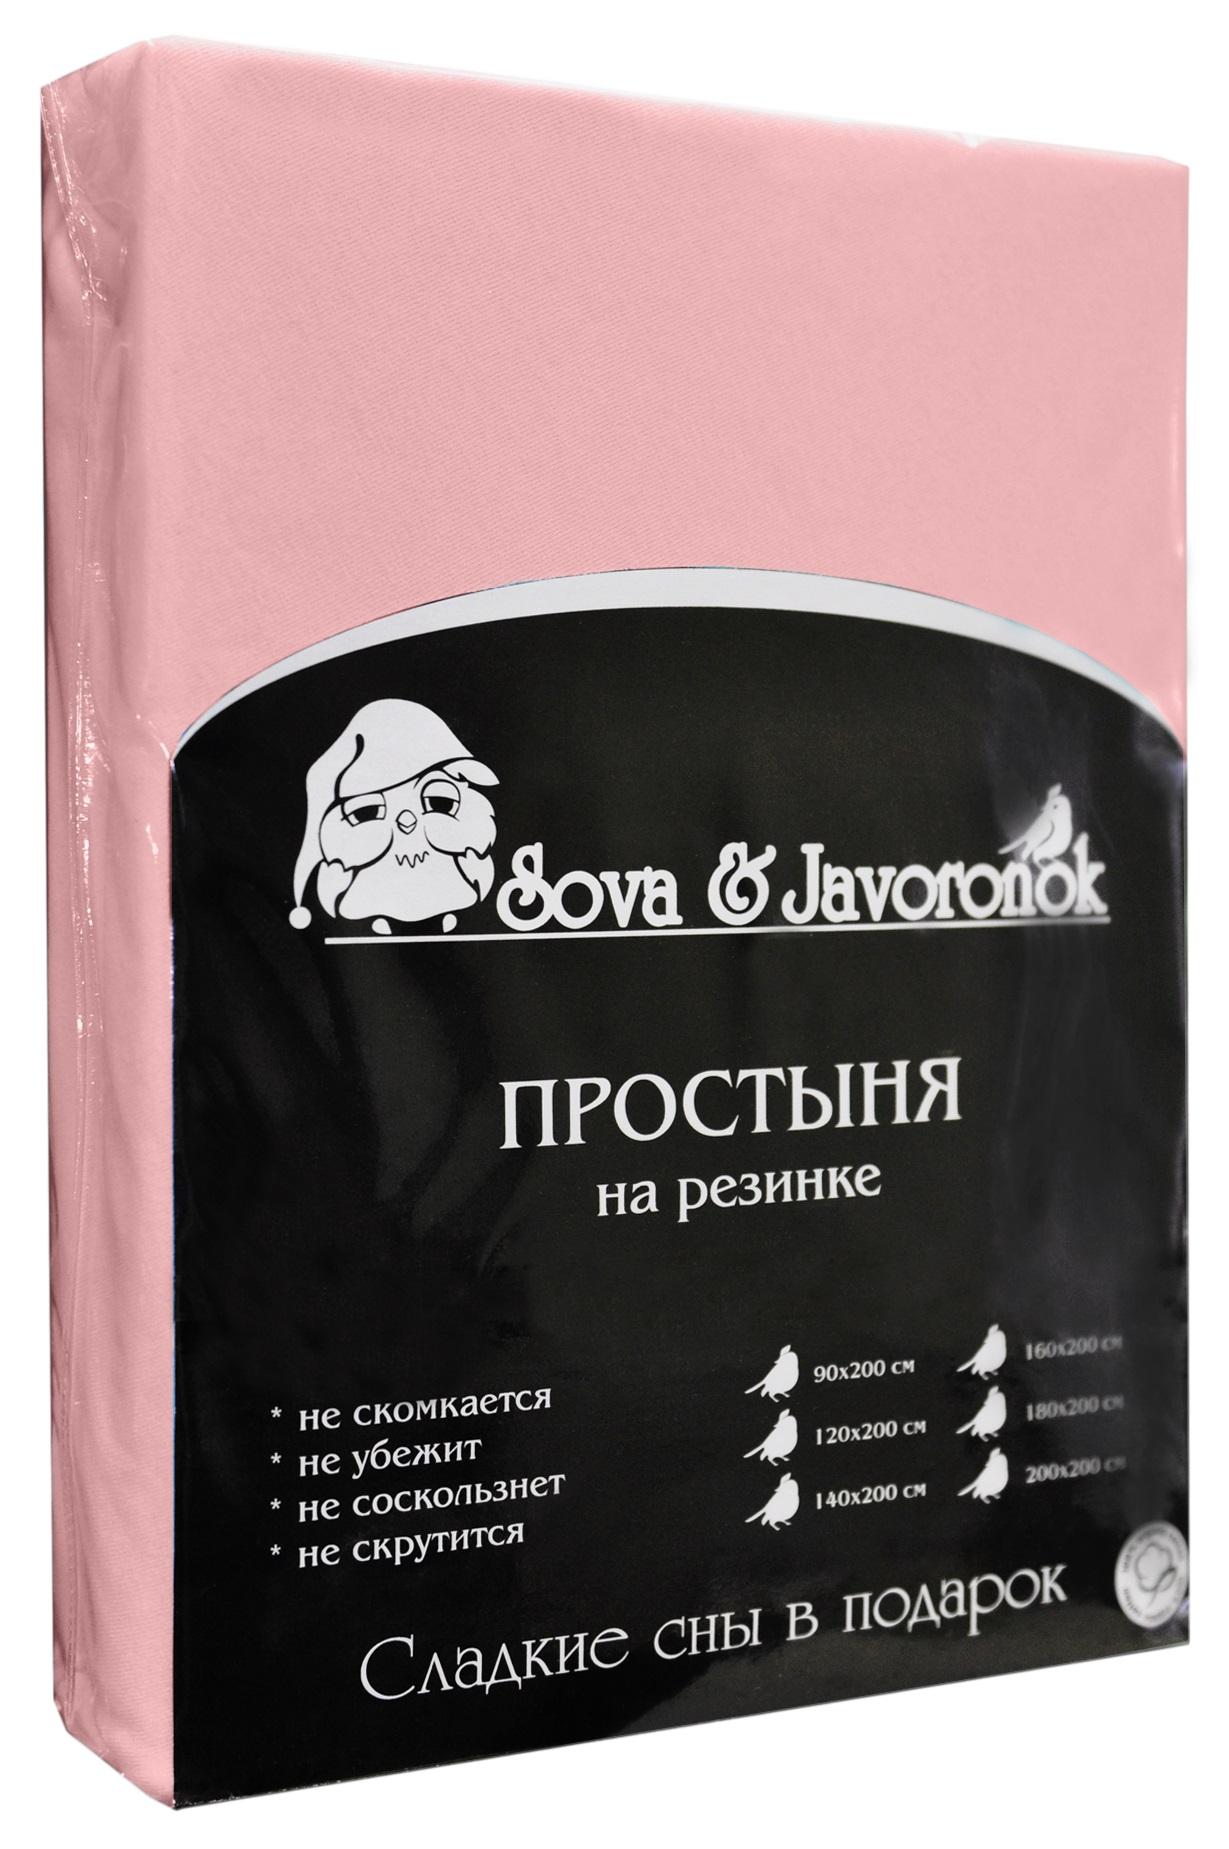 Простыня на резинке Sova & Javoronok, цвет: светло-розовый, 200 х 200 см0803114201Простыня на резинке Sova & Javoronok, изготовленная из трикотажной ткани (100% хлопок), будет превосходно смотреться с любыми комплектами белья. Хлопчатобумажный трикотаж по праву считается одним из самых качественных, прочных и при этом приятных на ощупь. Его гигиеничность позволяет использовать простыню и в детских комнатах, к тому же 100%-ый хлопок в составе ткани не вызовет аллергии. У трикотажного полотна очень интересная структура, немного рыхлая за счет отсутствия плотного переплетения нитей и наличия особых петель, благодаря этому простыня Сова и Жаворонок отлично пропускает воздух и способствует его постоянной циркуляции. Поэтому ваша постель будет всегда оставаться свежей. Но главное и, пожалуй, самое известное свойство трикотажа - это его великолепная растяжимость, поэтому эта ткань и была выбрана для натяжной простыни на резинке. Простыня прошита резинкой по всему периметру, что обеспечивает более комфортный отдых, так как она прочно удерживается на матрасе и...